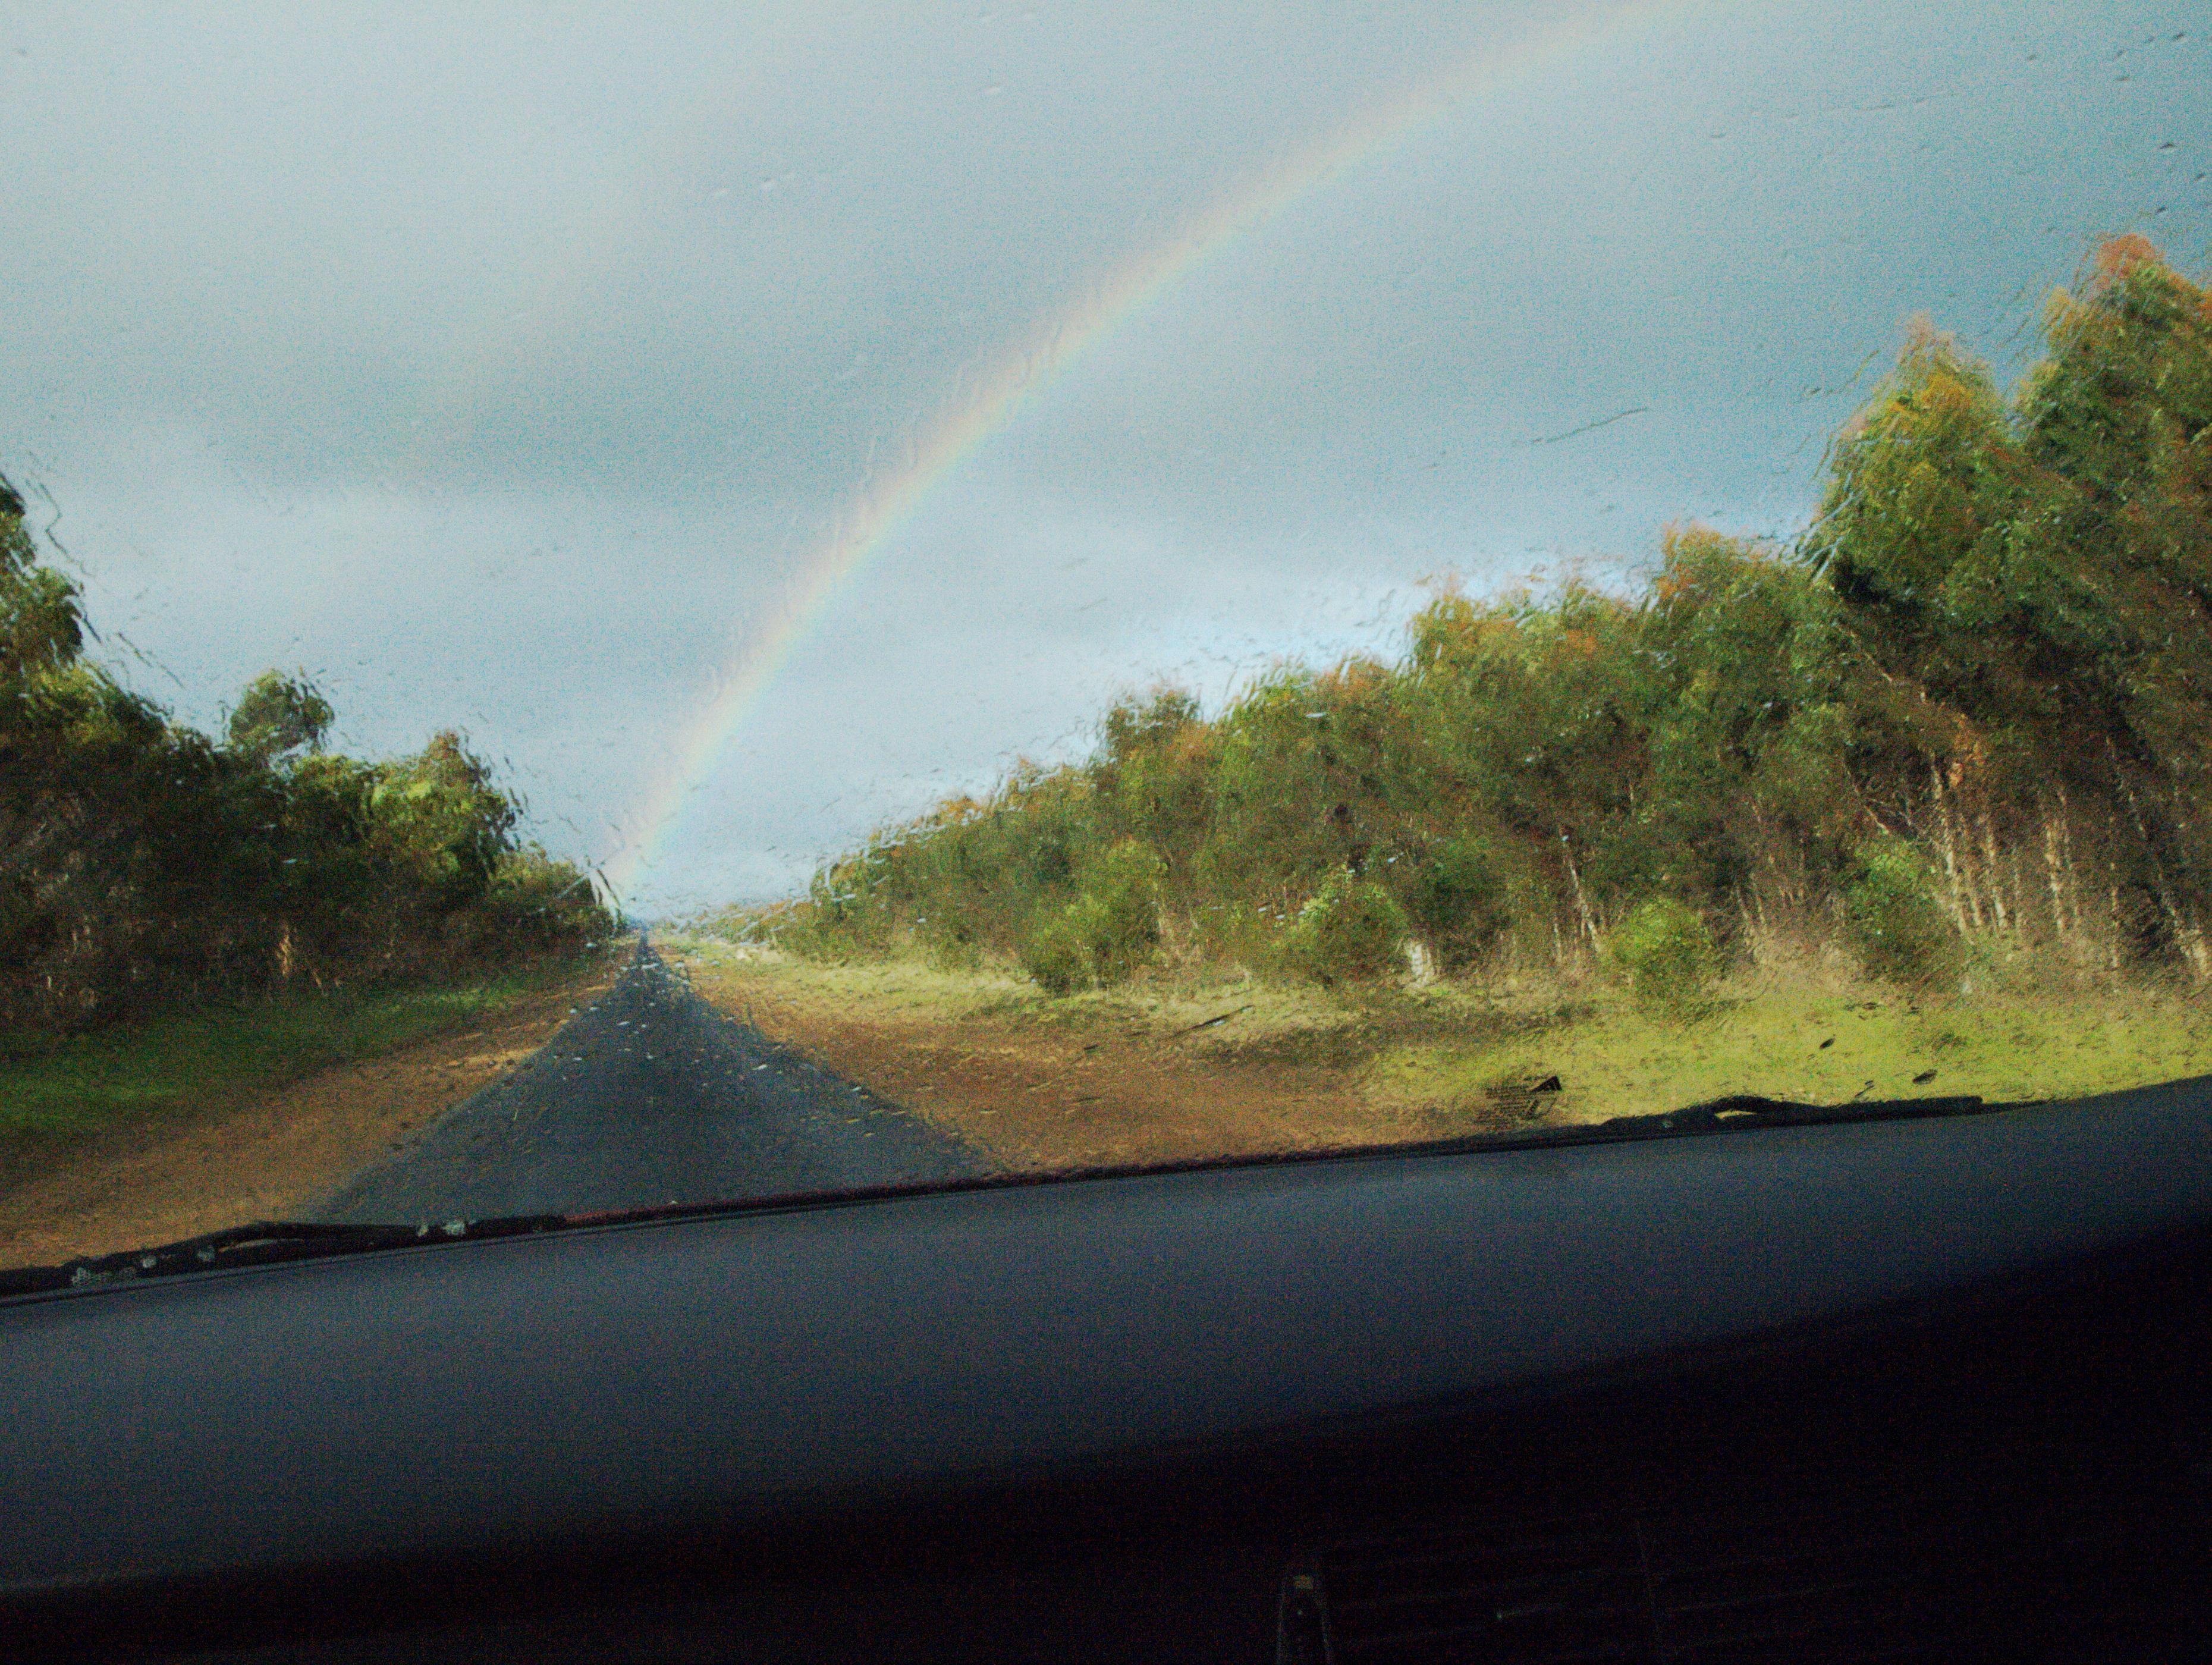 rainbow-6.jpeg